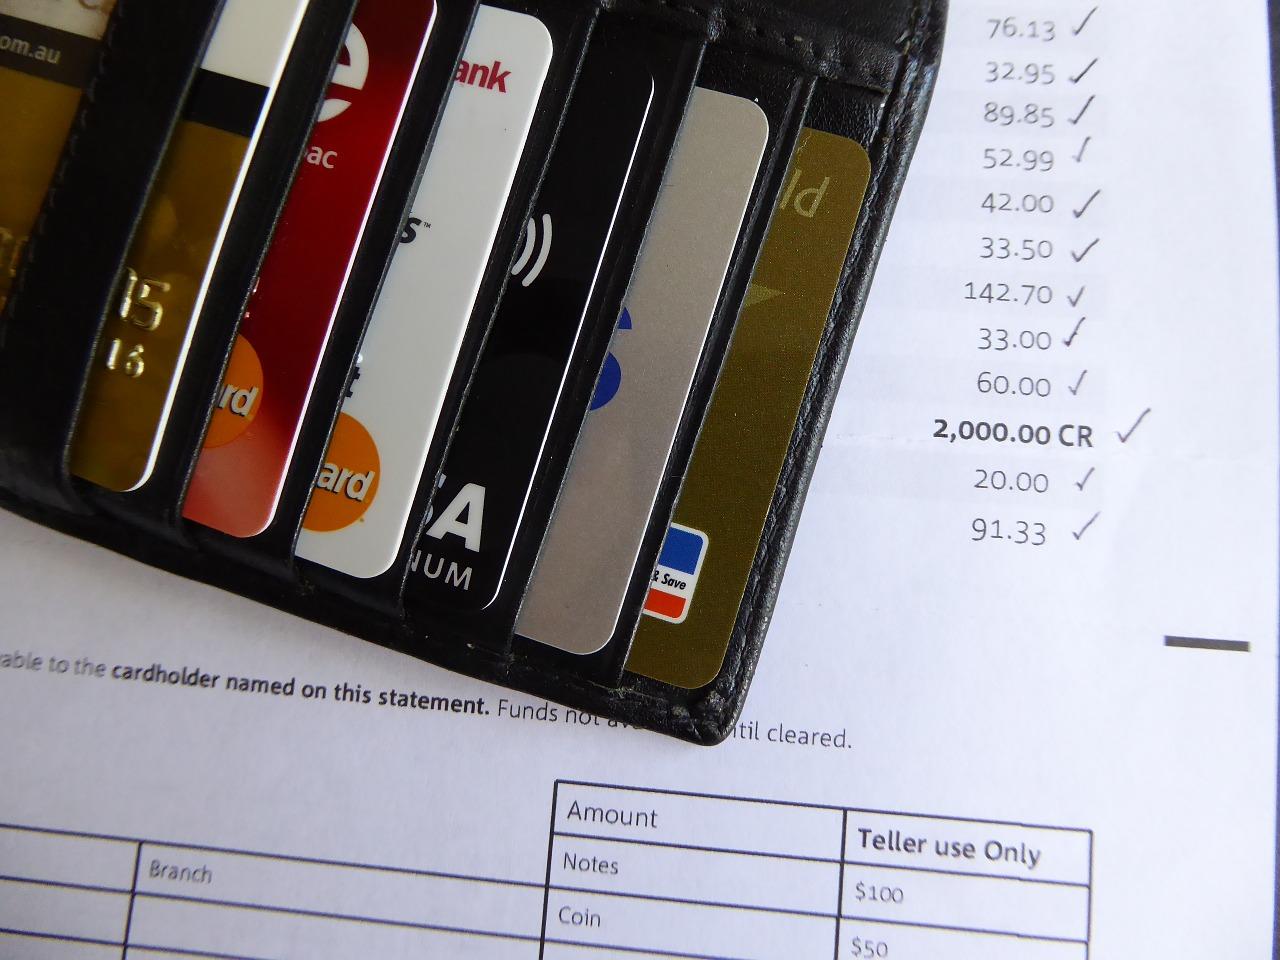 fogasa concurso de acreedores